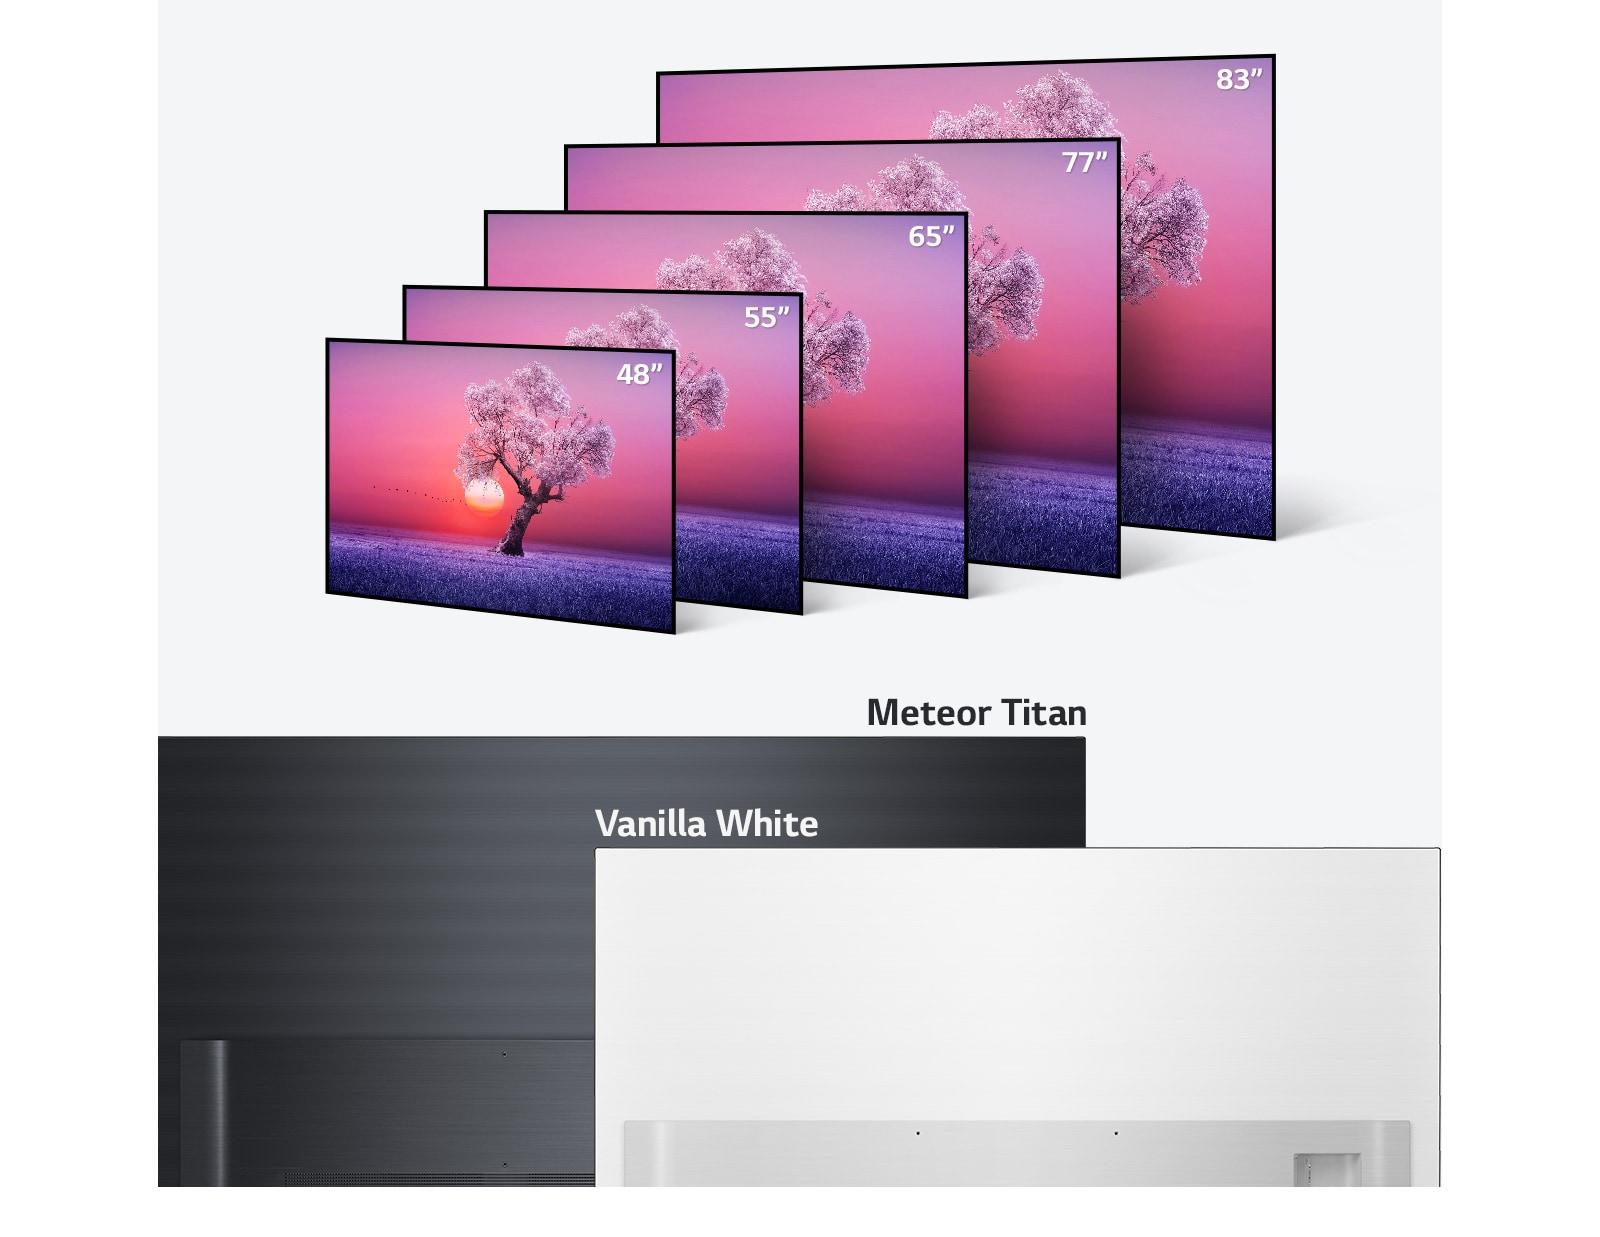 Linia telewizorów LG OLED w rozmiarach od 48 do 83 cali oraz w kolorach jasnoczarnym lub waniliowobiałym